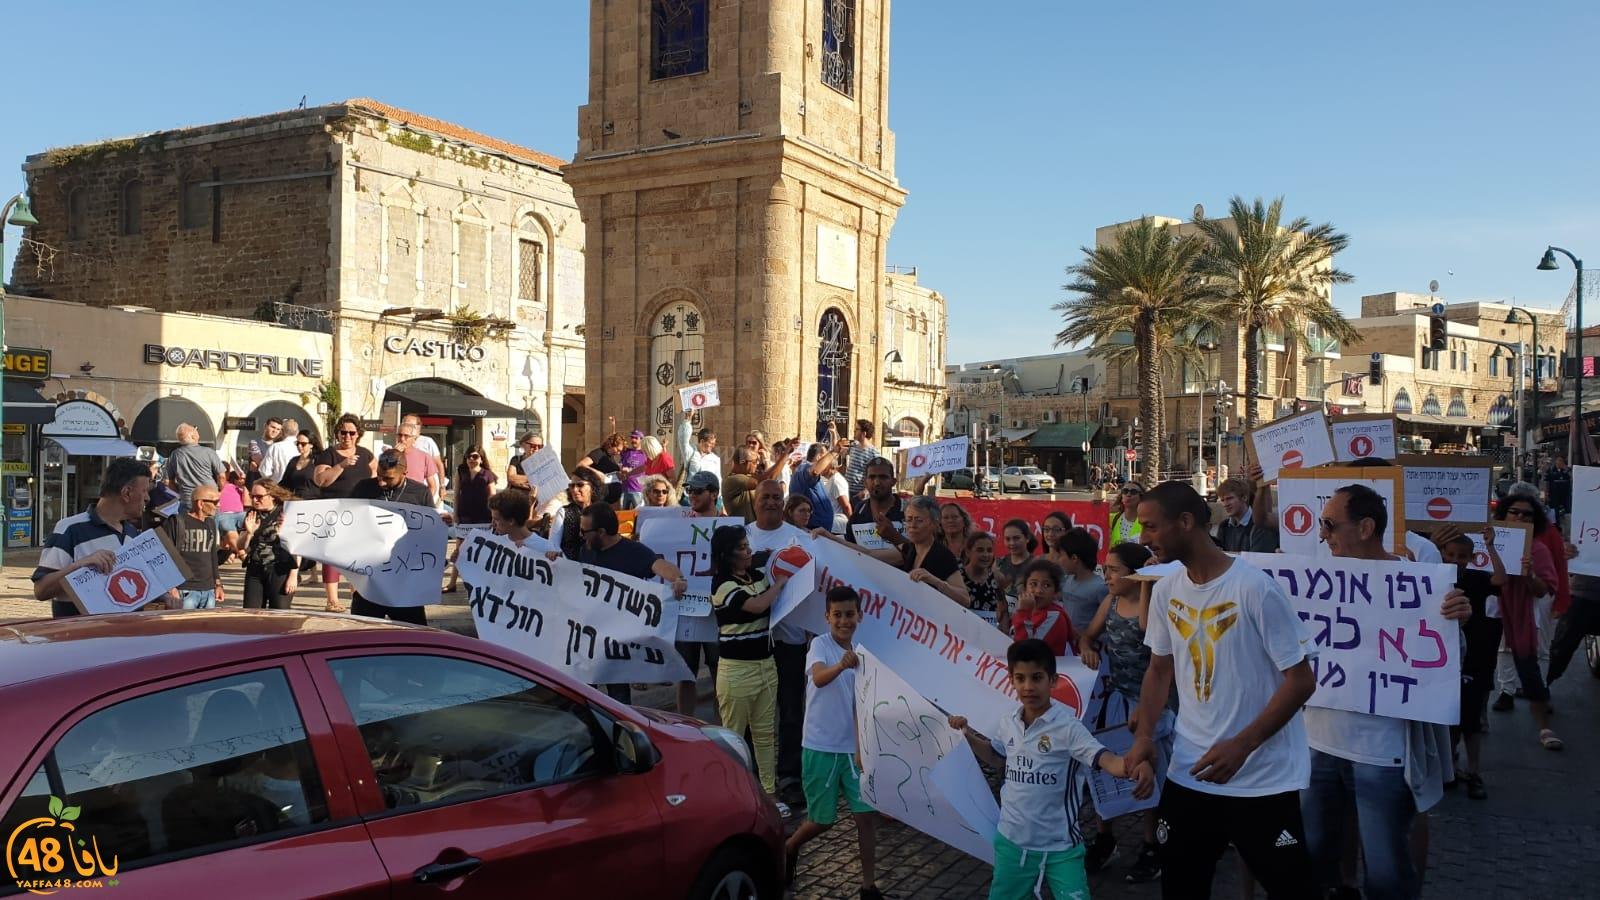 هكذا تم احكام الحصار على سكان شارع شديروت يروشلايم بمدينة يافا